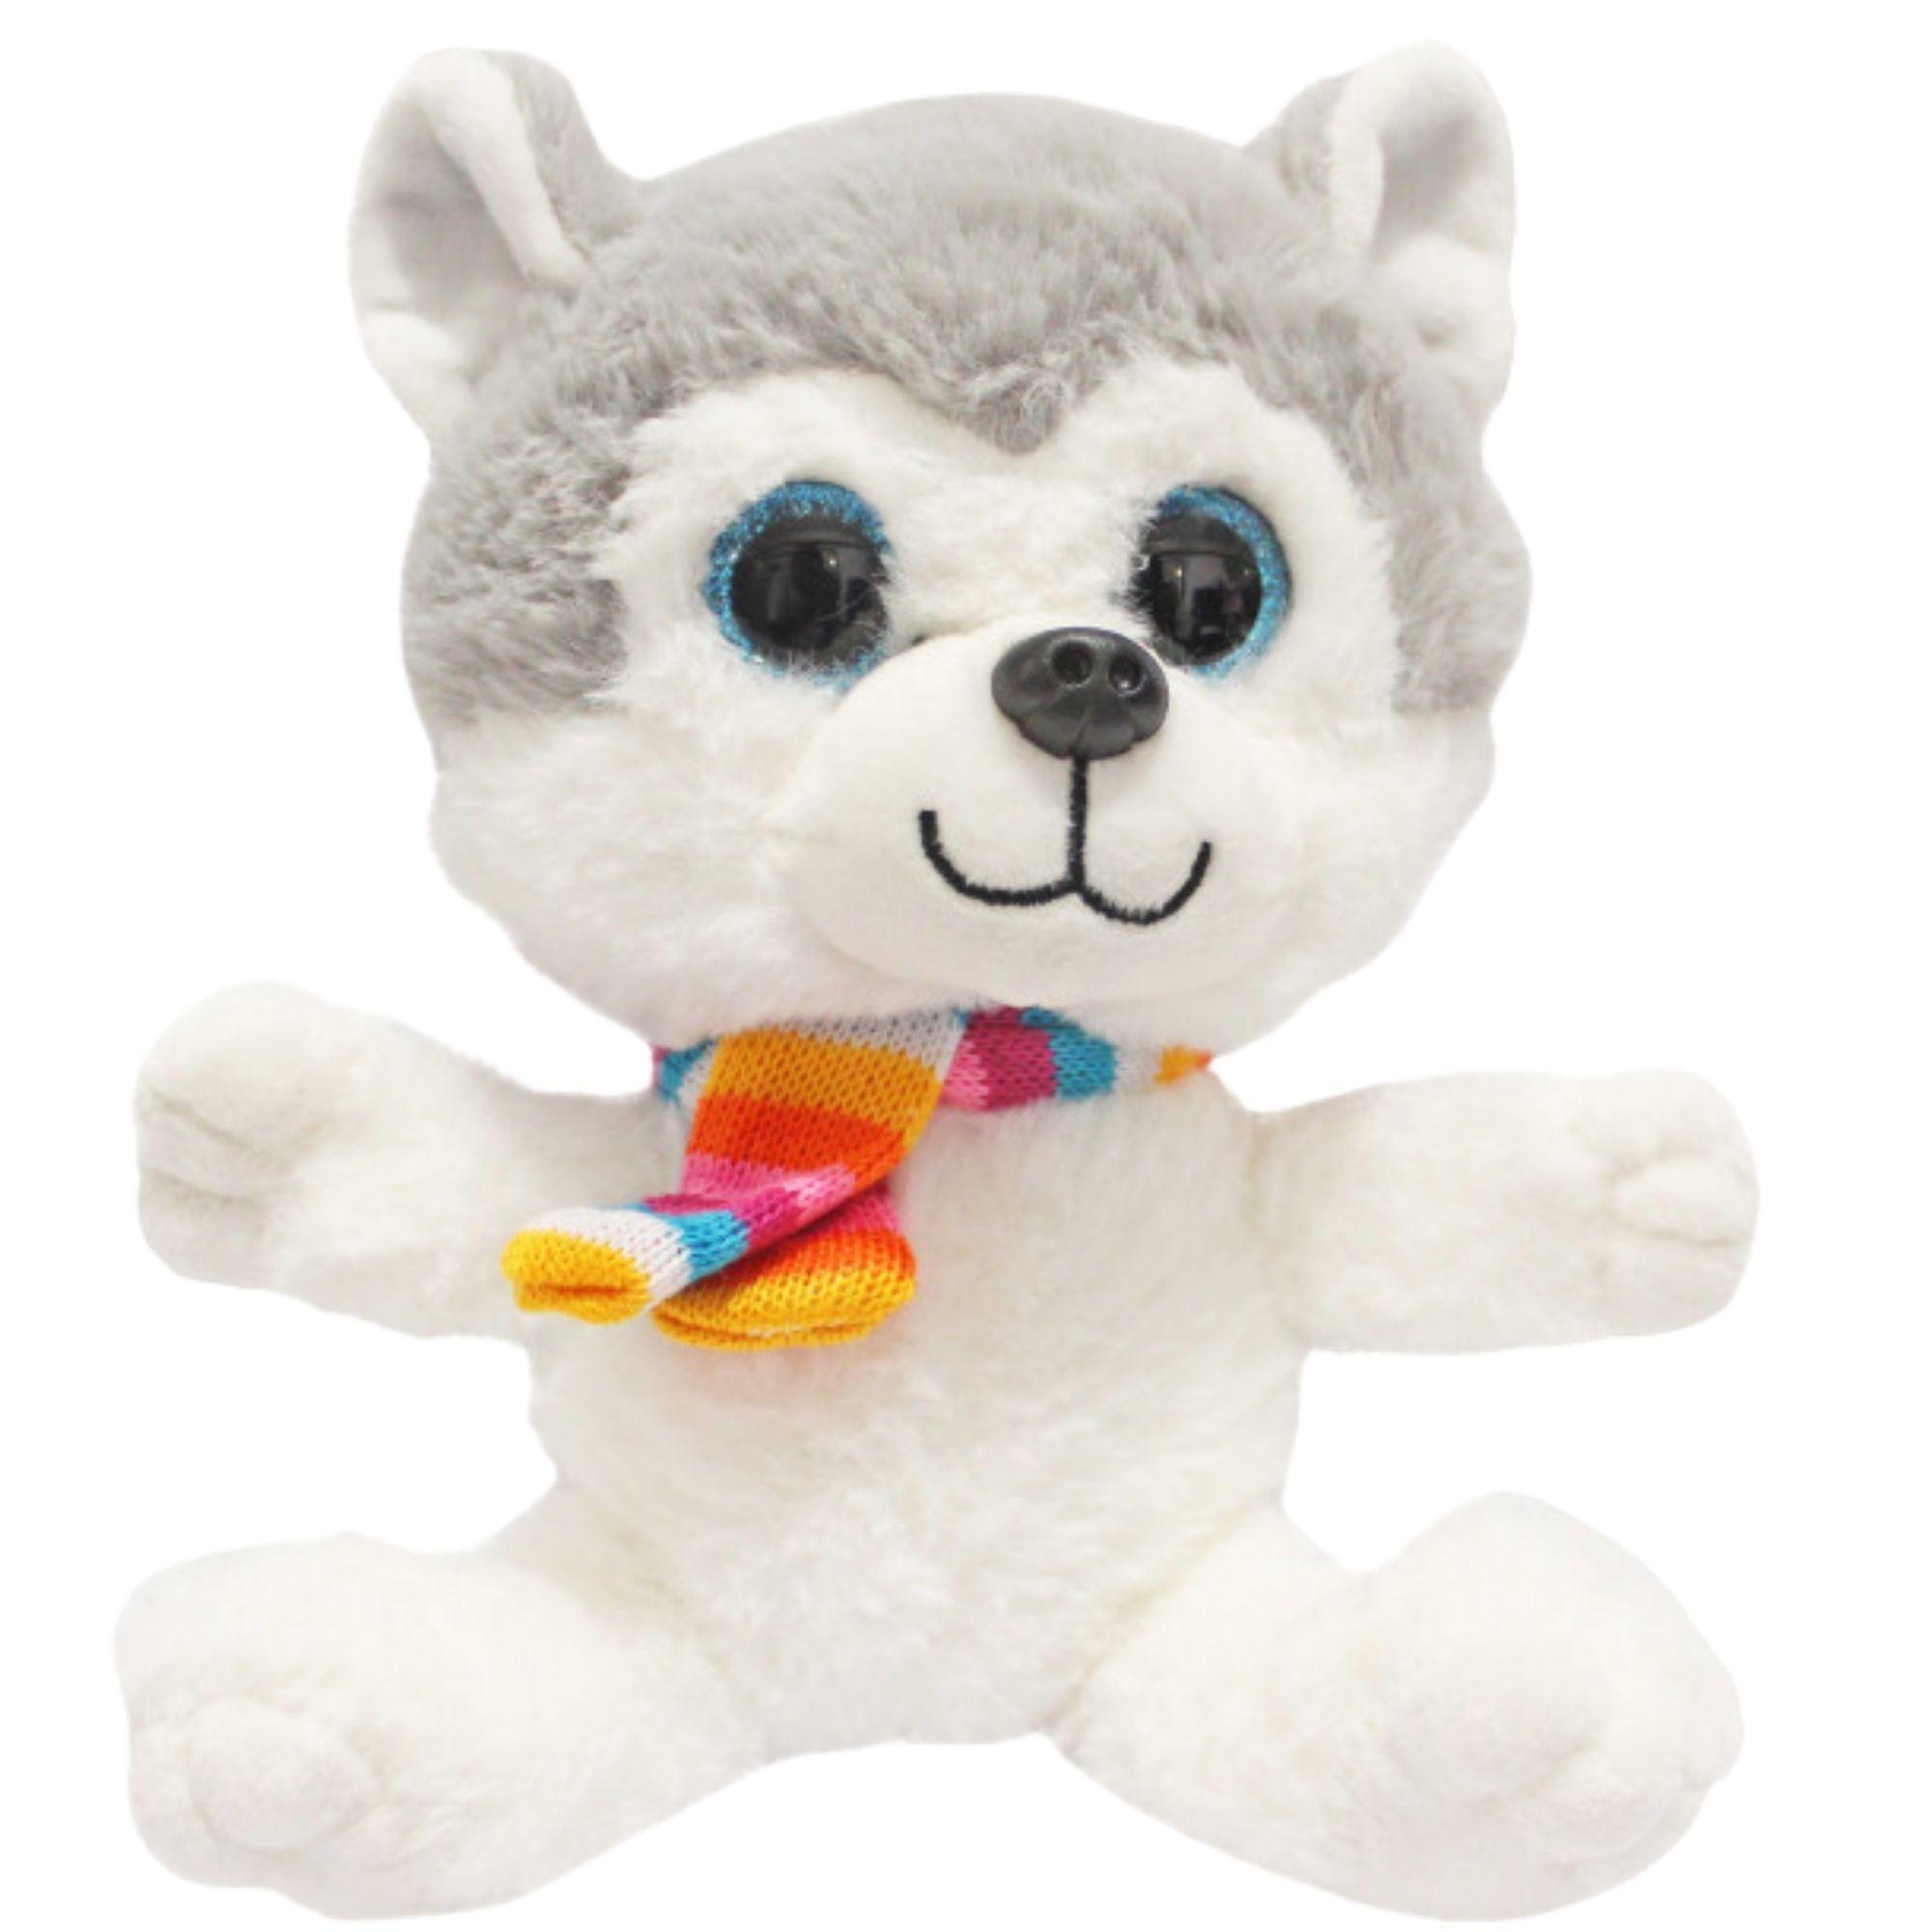 Cachorro Husky de Pelucia com Olhos Brilhantes  25 cm  - Game Land Brinquedos